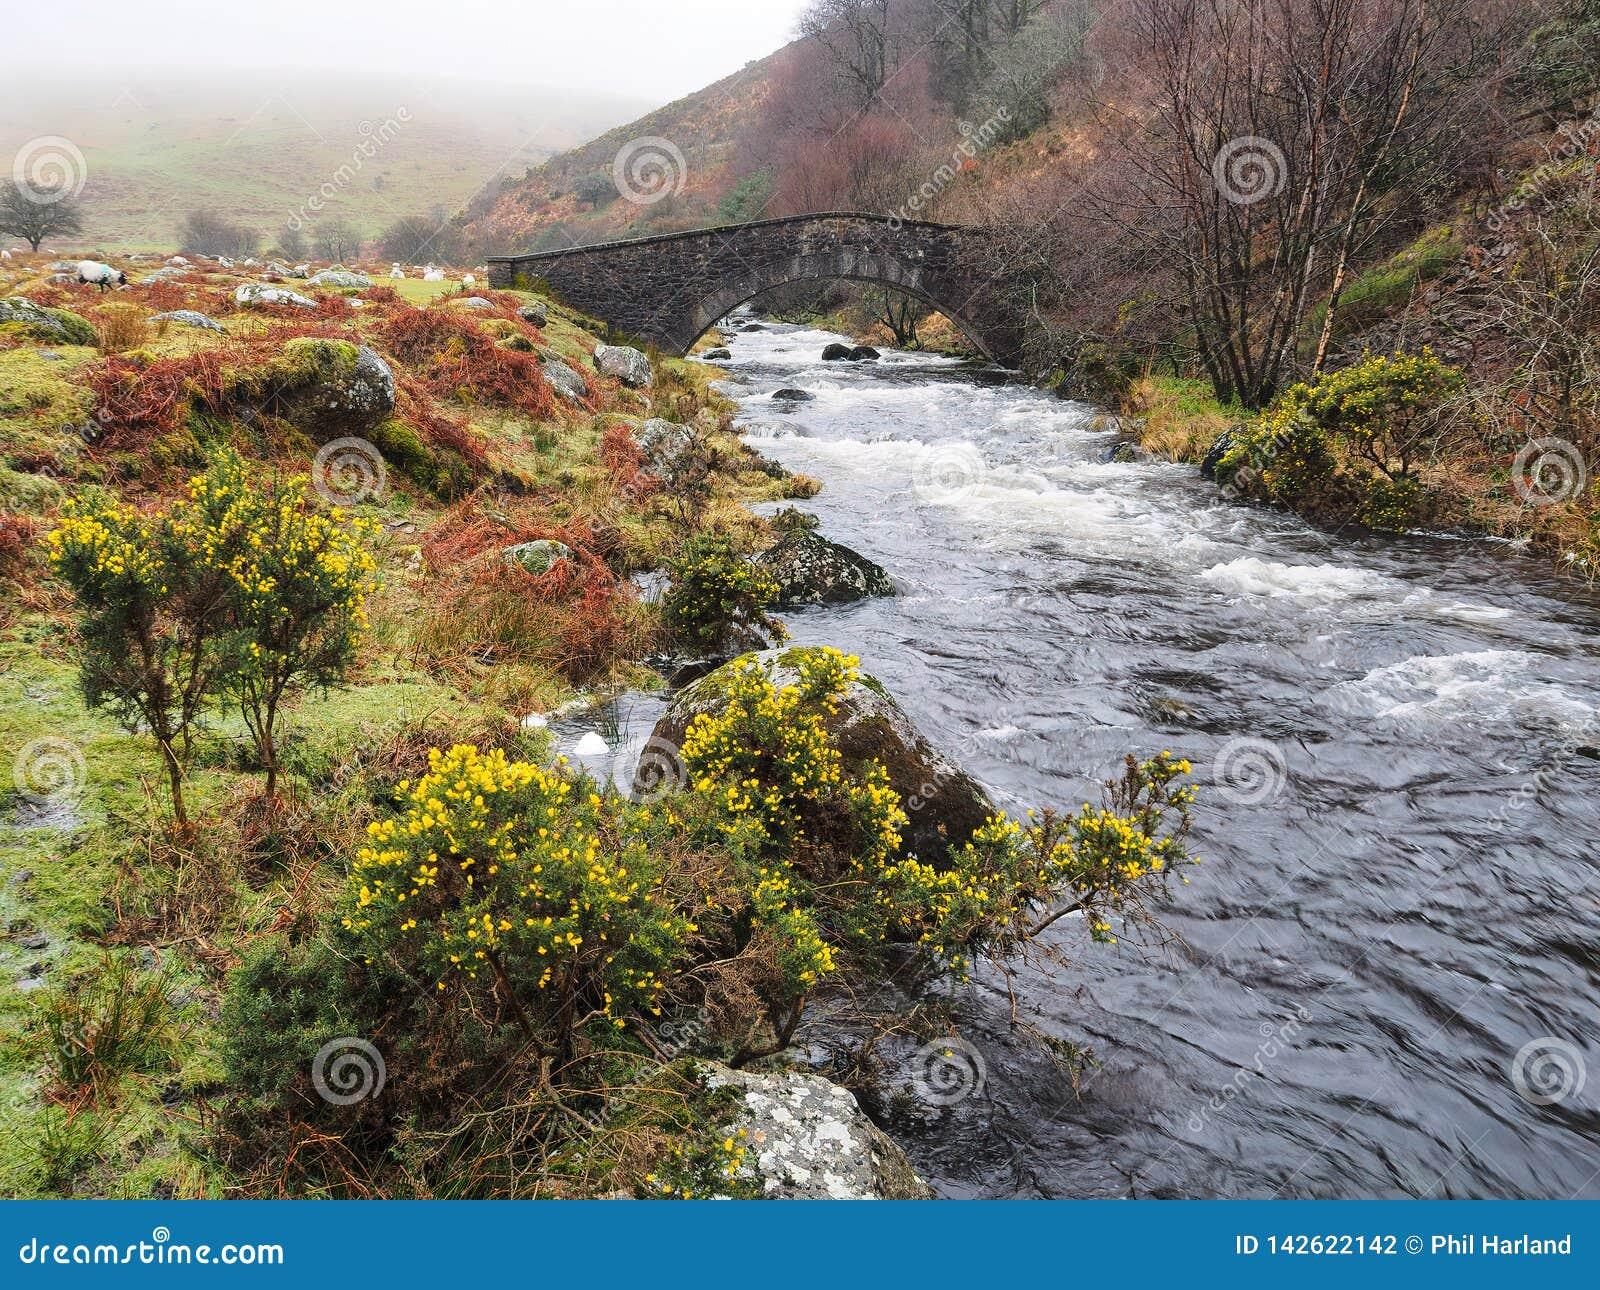 Passadiço de pedra sobre o rio ocidental de Okement, parque nacional do arco de Dartmoor, Devon, Reino Unido